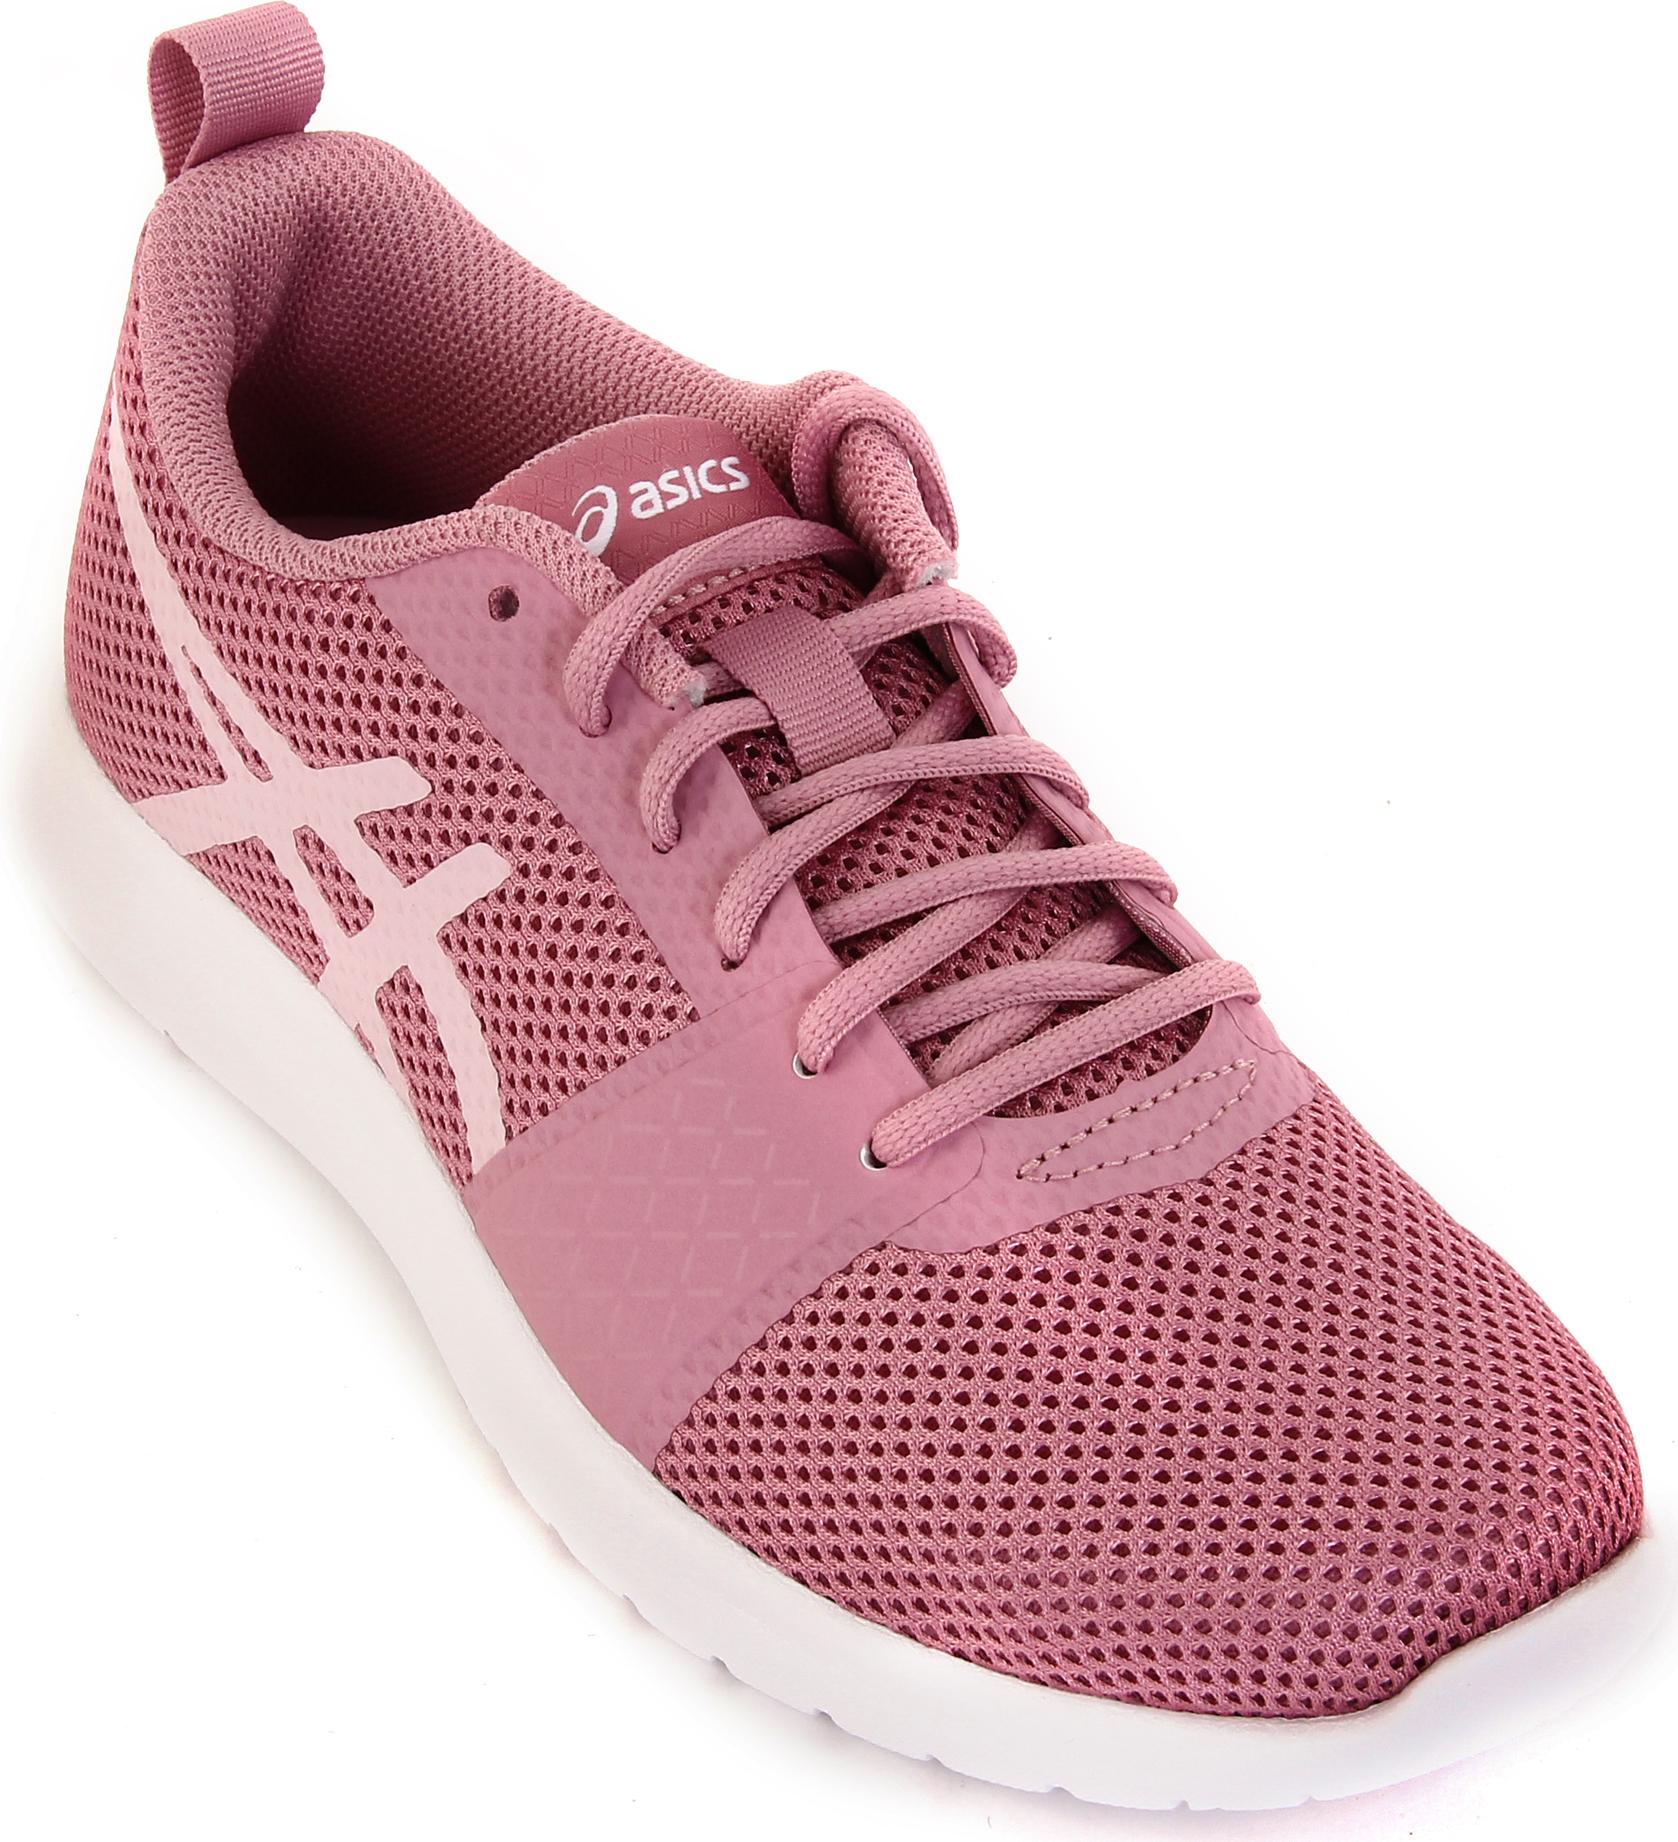 Кроссовки женские Asics Kanmei MX, цвет: розовый. T899N-2020. 8 (38)T899N-2020Если вам необходима универсальная обувь для тренировок, Asics Kanmei MX – ваш выбор. Эту стильную модель с тканевым верхом и бесшовными верхними слоями можно носить каждый день, так как она отличается легкостью и воздухопроницаемостью.Промежуточная подошва EVA придает минималистскому дизайну форму и функциональность, а классический фирменный логотип делает модель стильной.